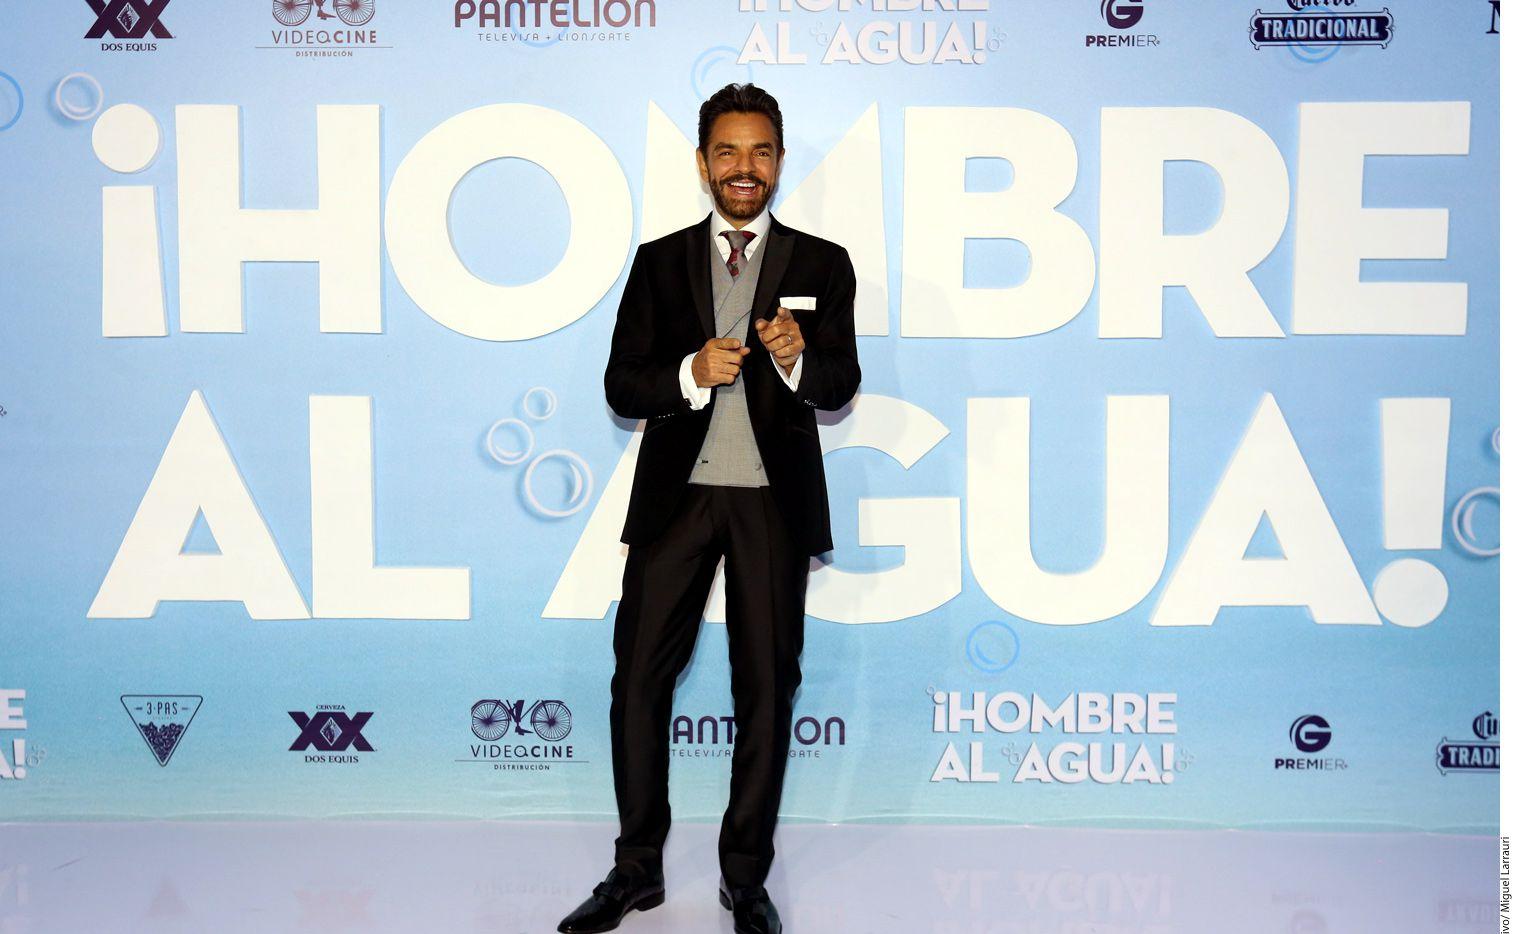 Eugenio Derbez encabeza la nueva serie original de Amazon Prime LOL: Last One Laughing, en donde 10 famosos comediantes mexicanos se enfrentarán entre sí, lo cual se resumirá en una competencia para ganar un millón de pesos. (AGENCIA REFORMA)